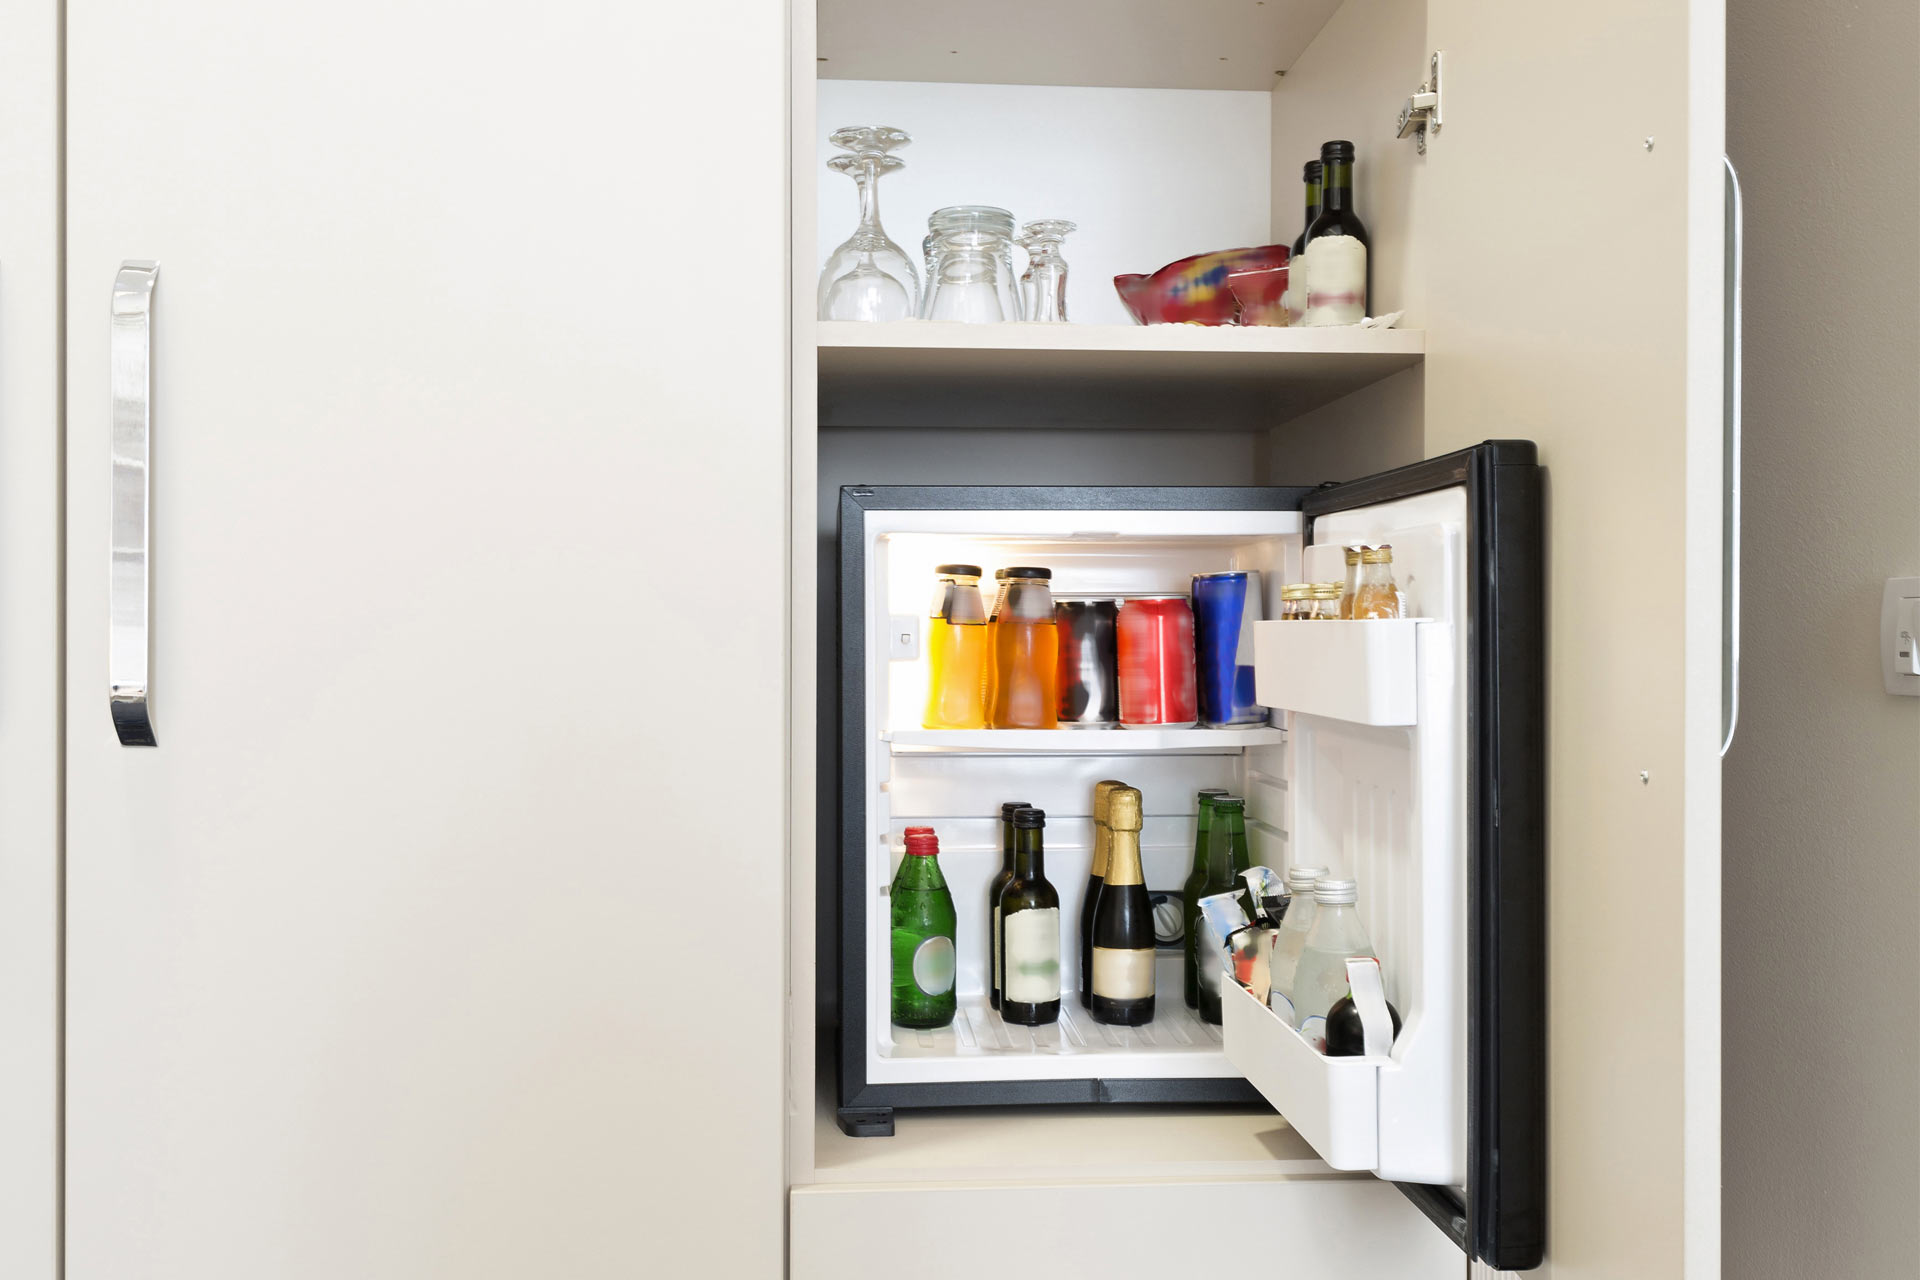 Mini Kühlschrank Zimmer : Mini kühlschrank im zimmer: mini kühlschrank haushaltsgeräte